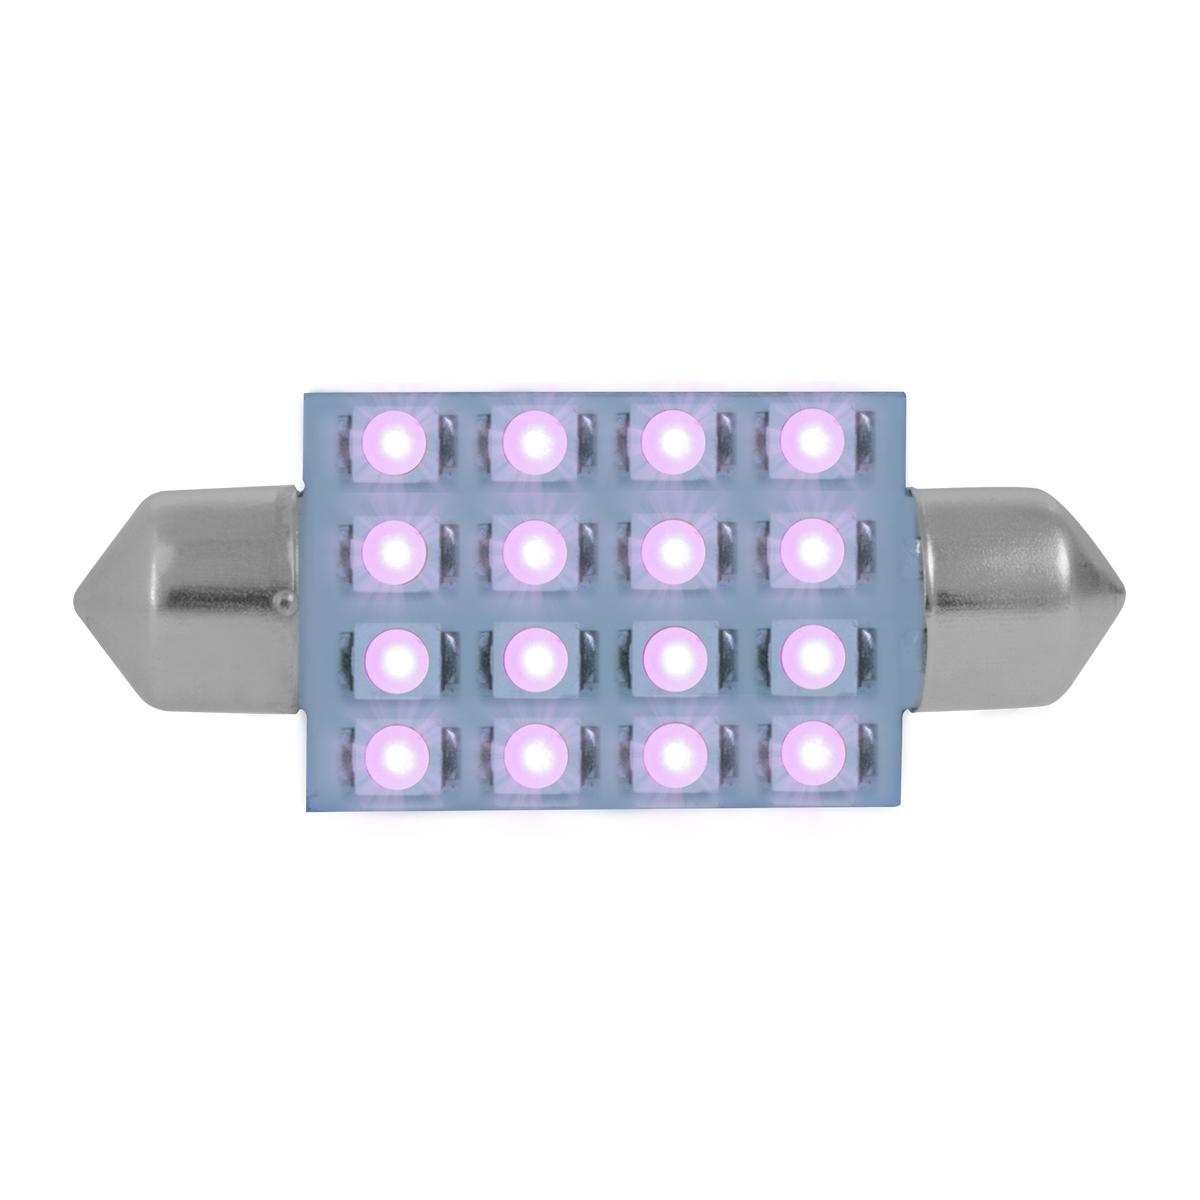 76105 Purple 211-2 Dome Type 16 LED Light Bulb